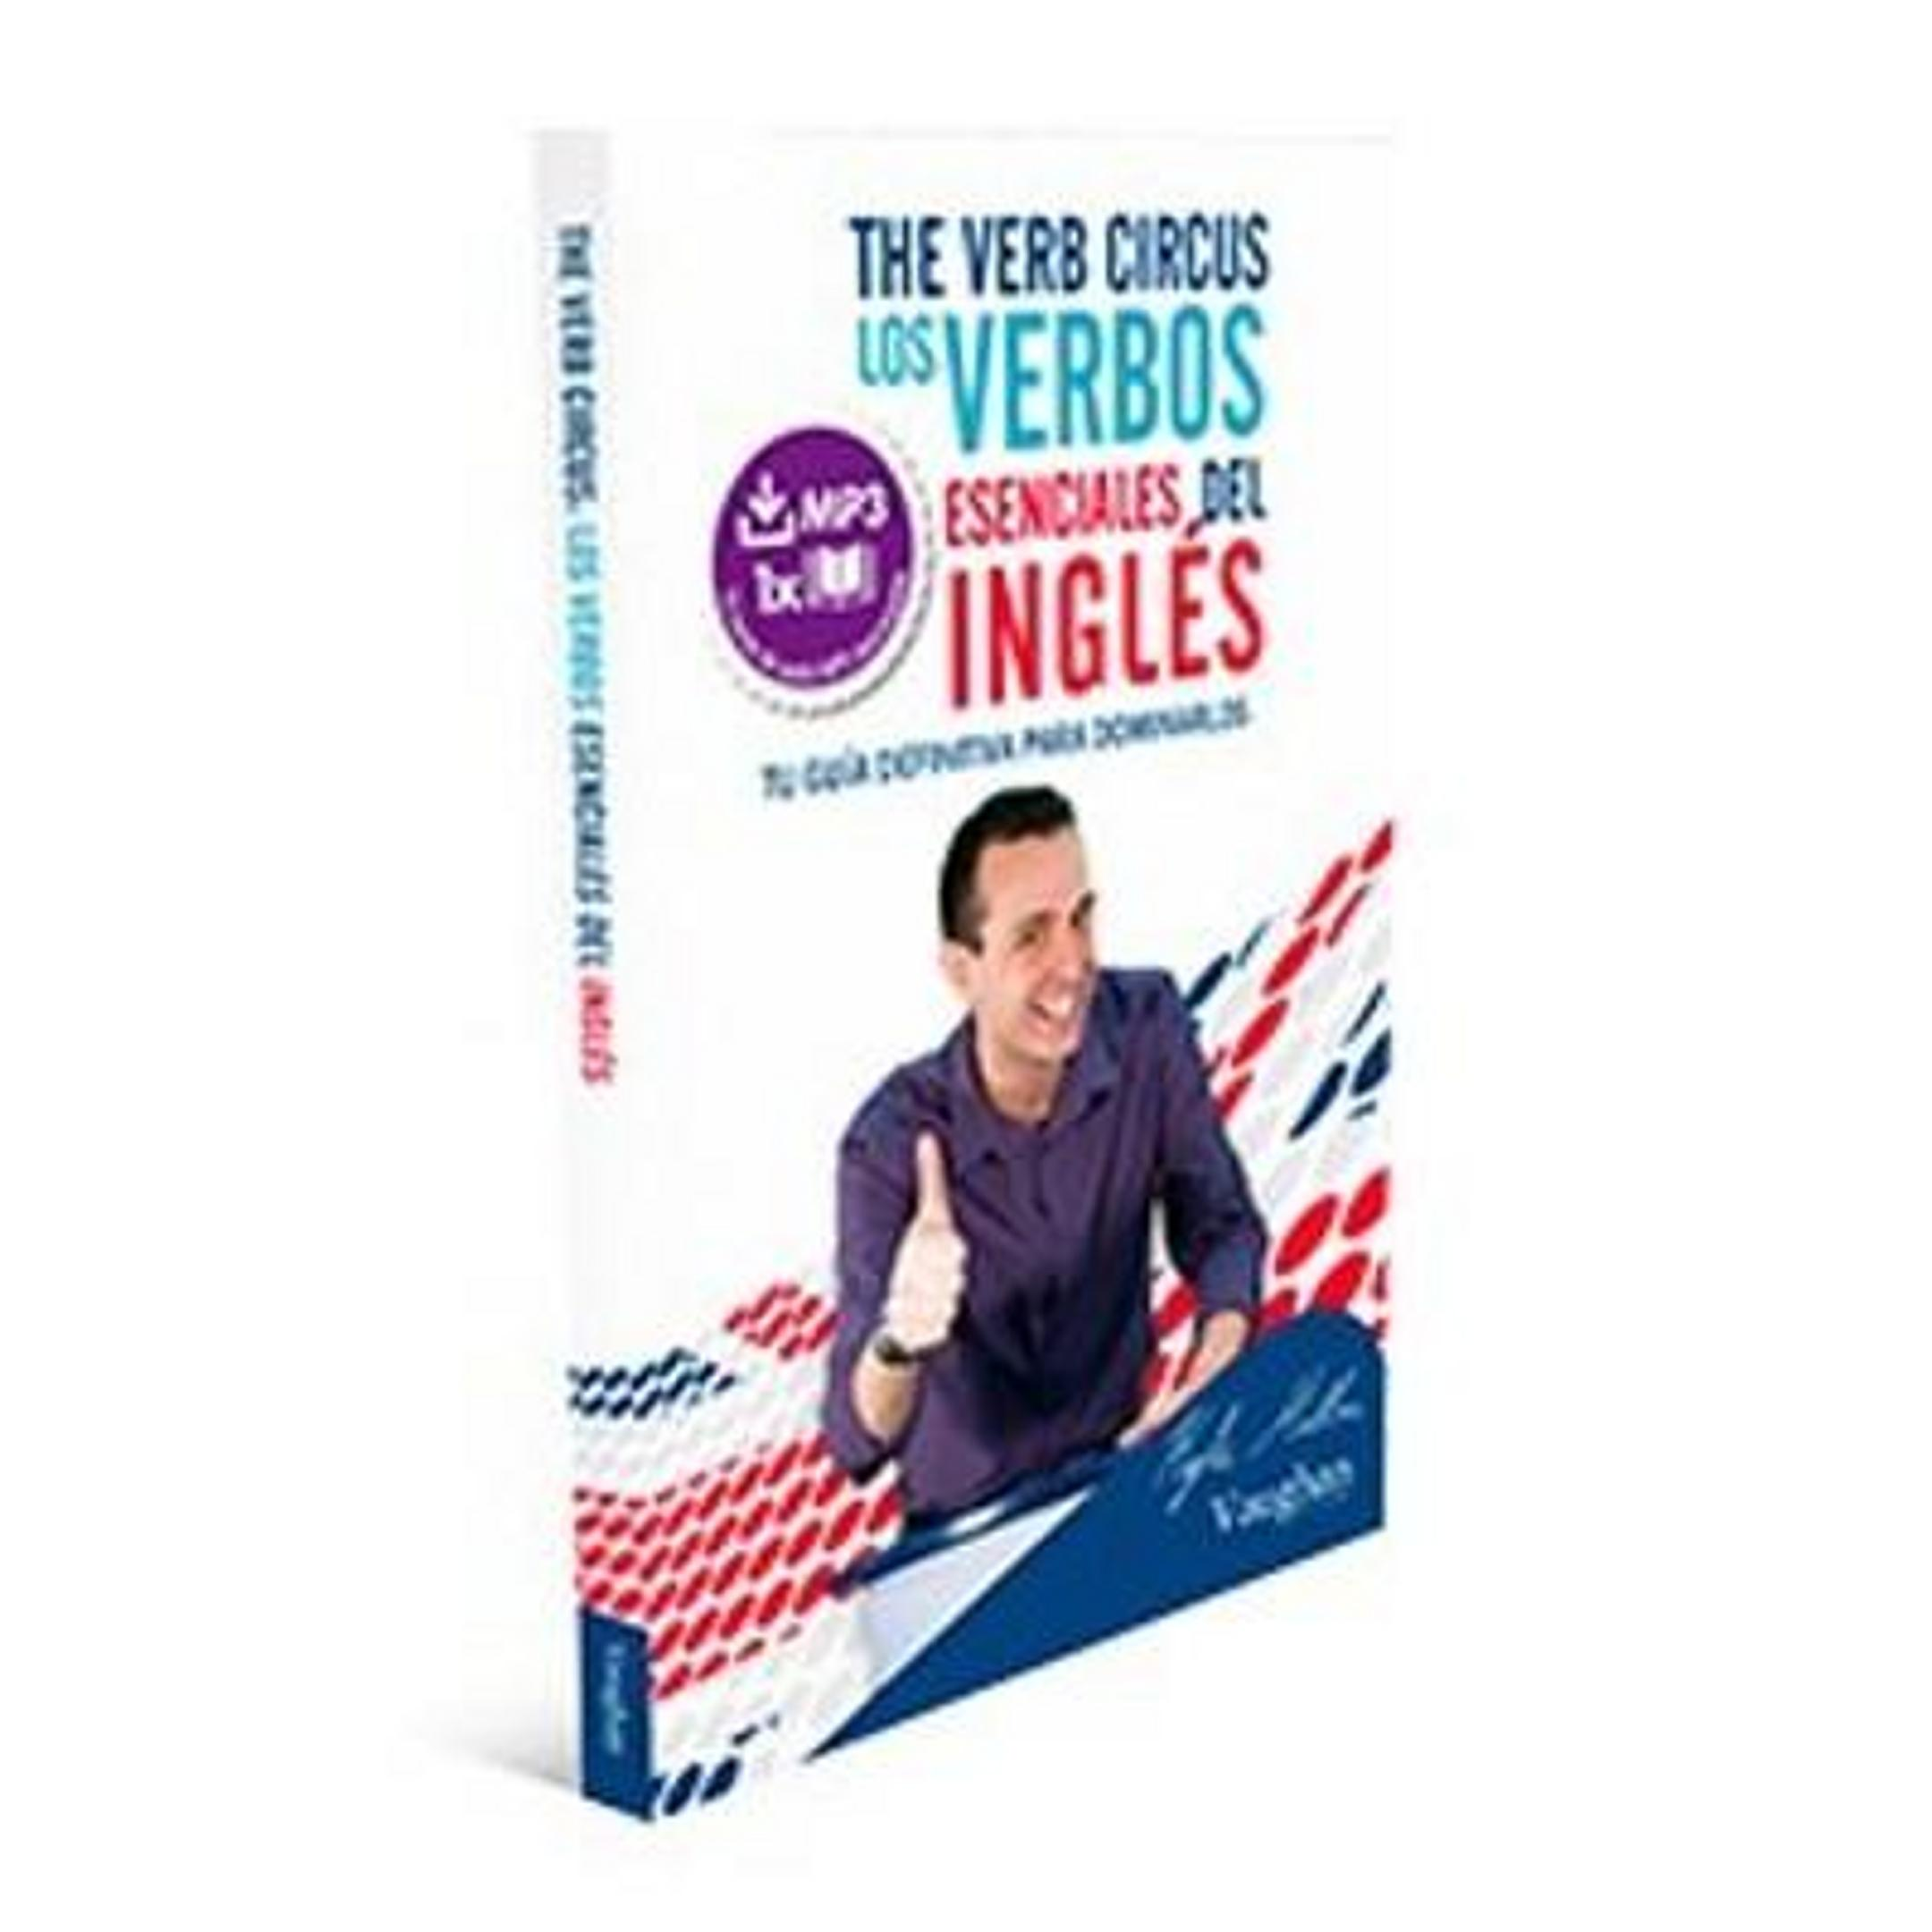 VERB CIRCUS, THE: LOS VERBOS ESENCIALES EN INGLES - Vaughan